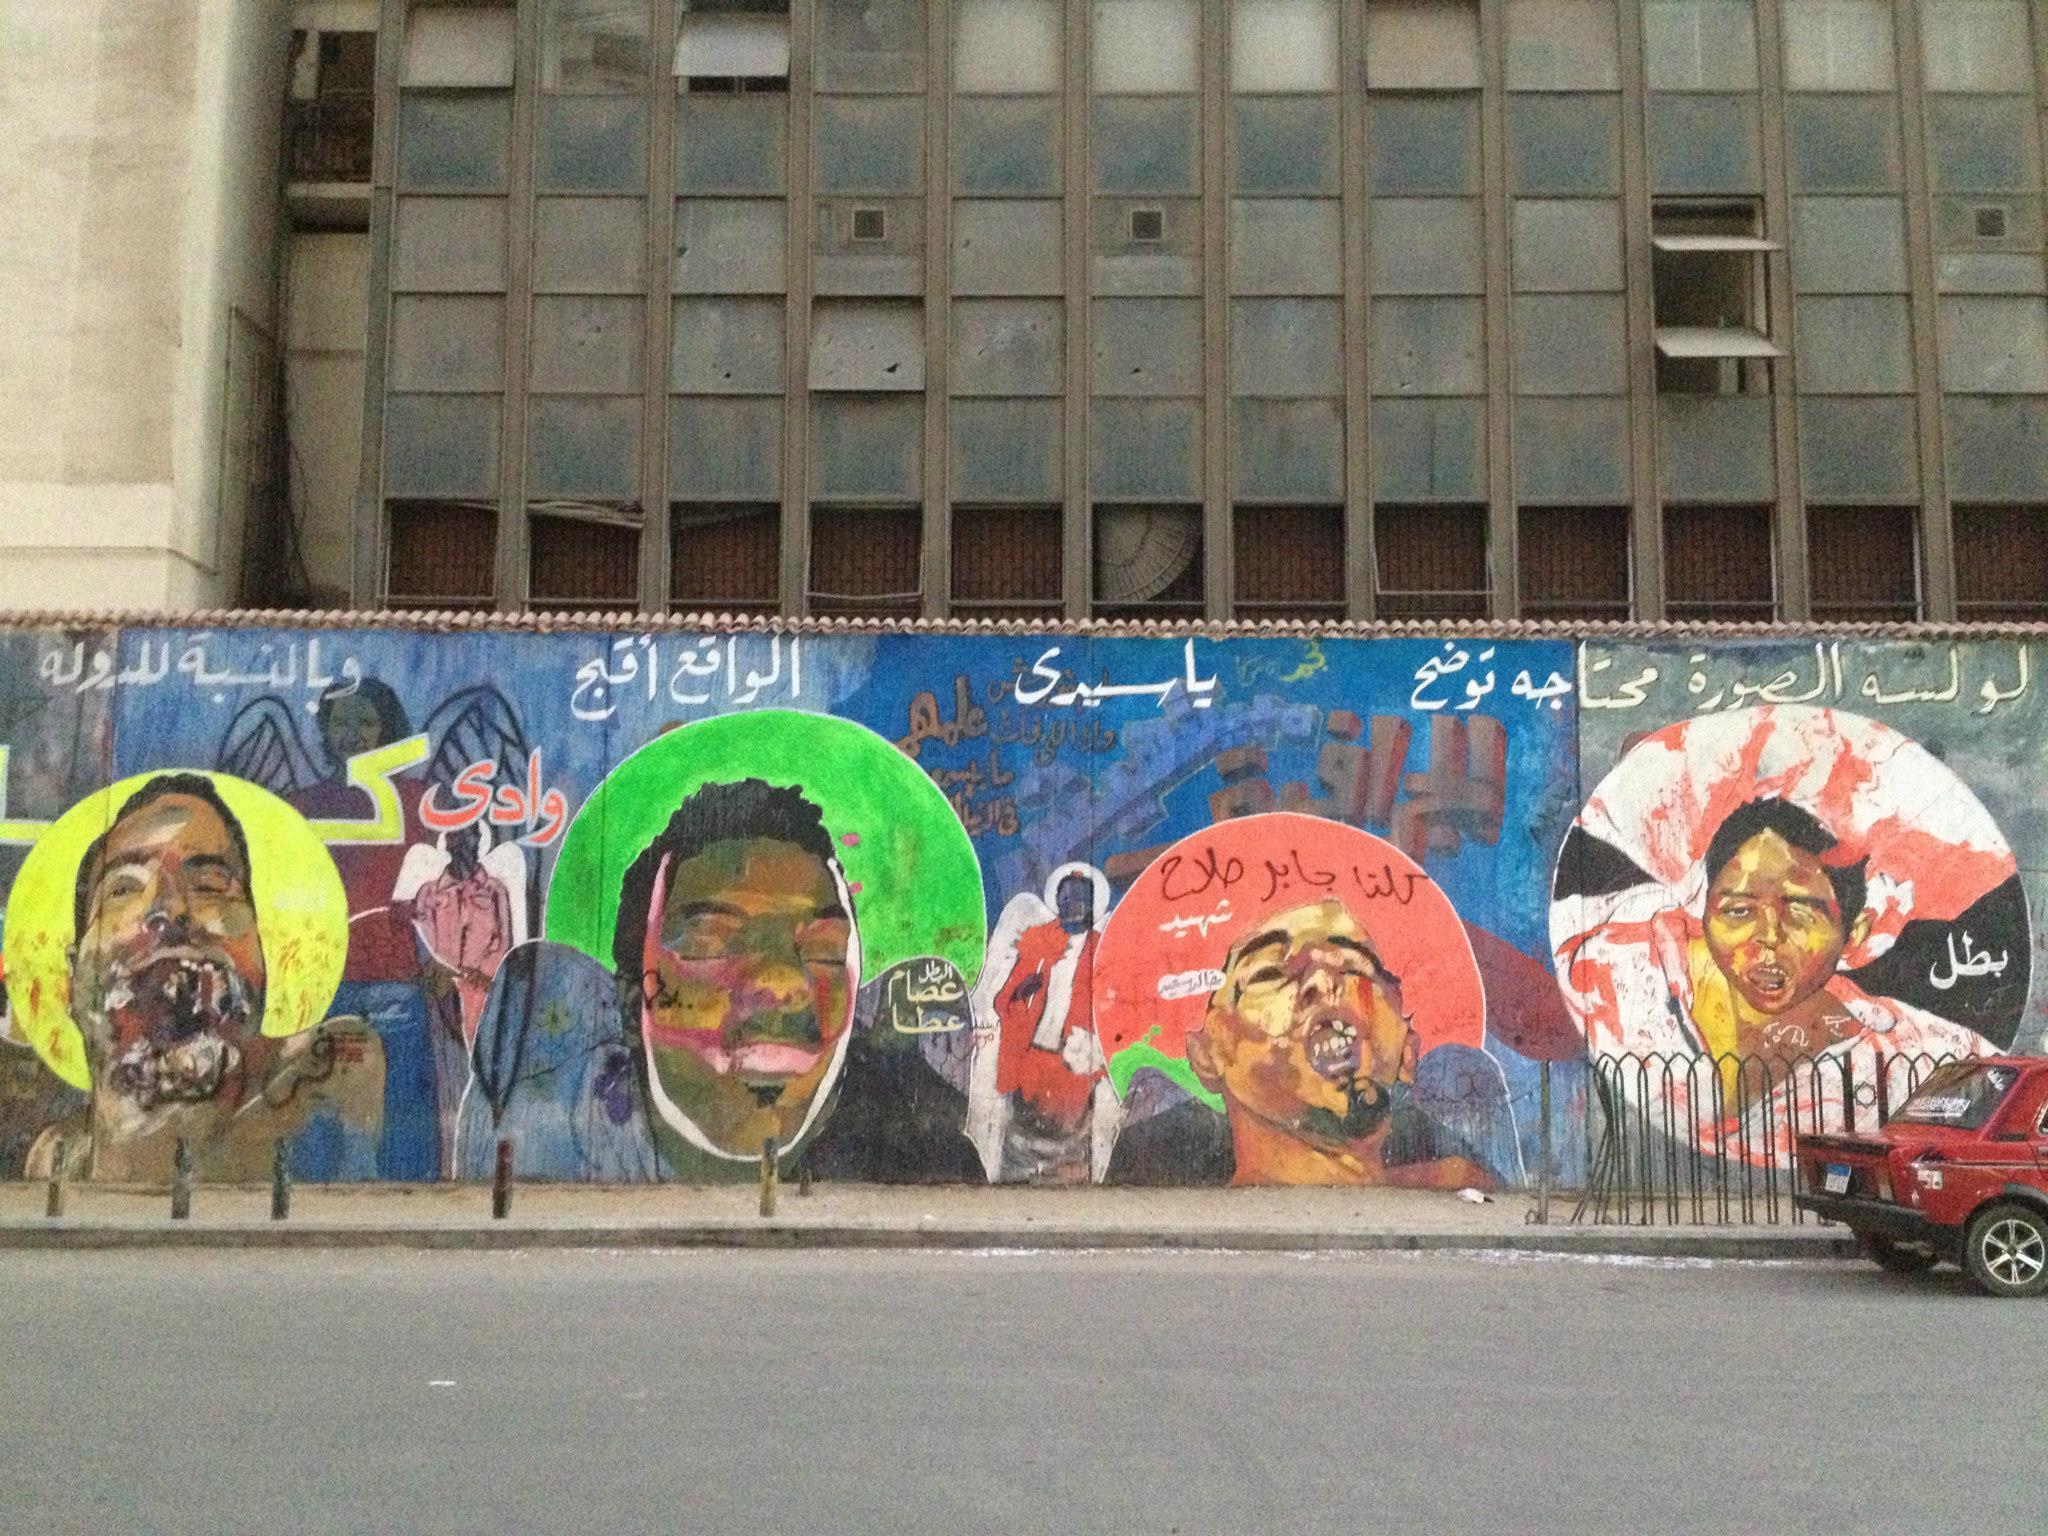 Kansannousun marttyyreitä kuvaava seinämaalaus, Mohamed Mahmoud -katu, Kairo